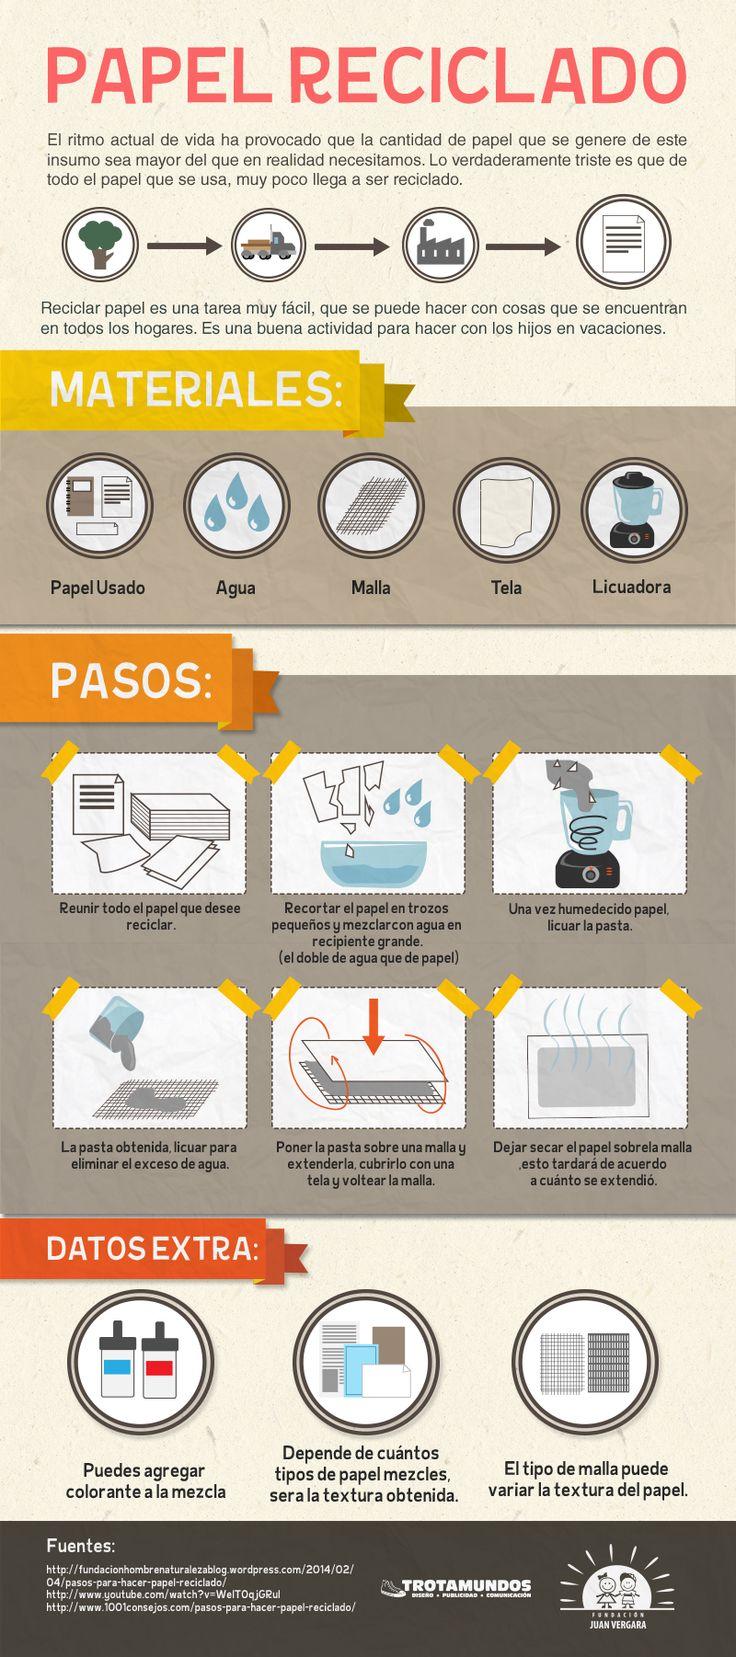 Infografía: Papel Reciclado, materiales, cómo hacerlo.